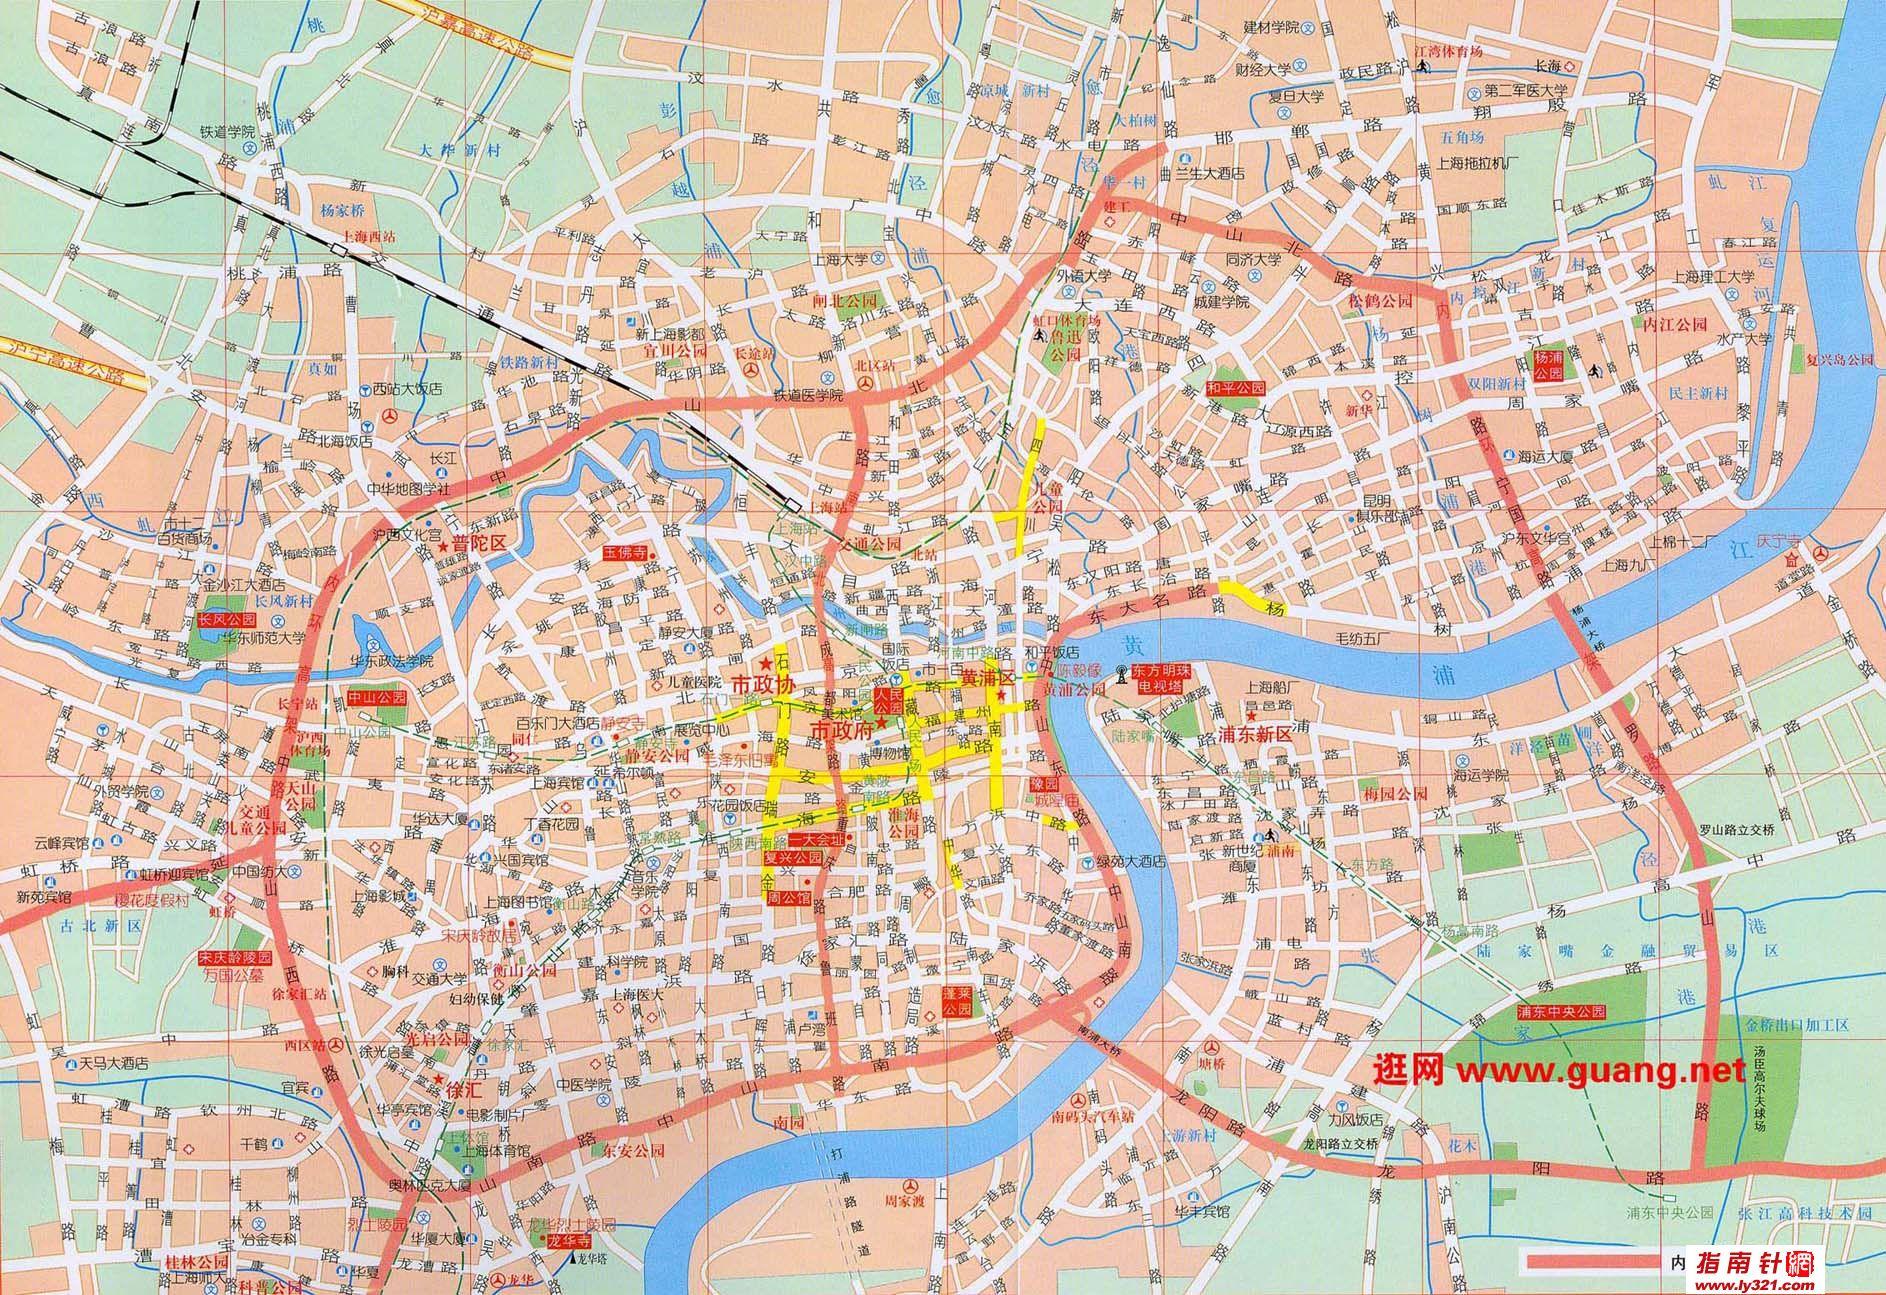 图片上海地图模板下载(视频编号:12603408)_上韦神矢量鸡吃图片